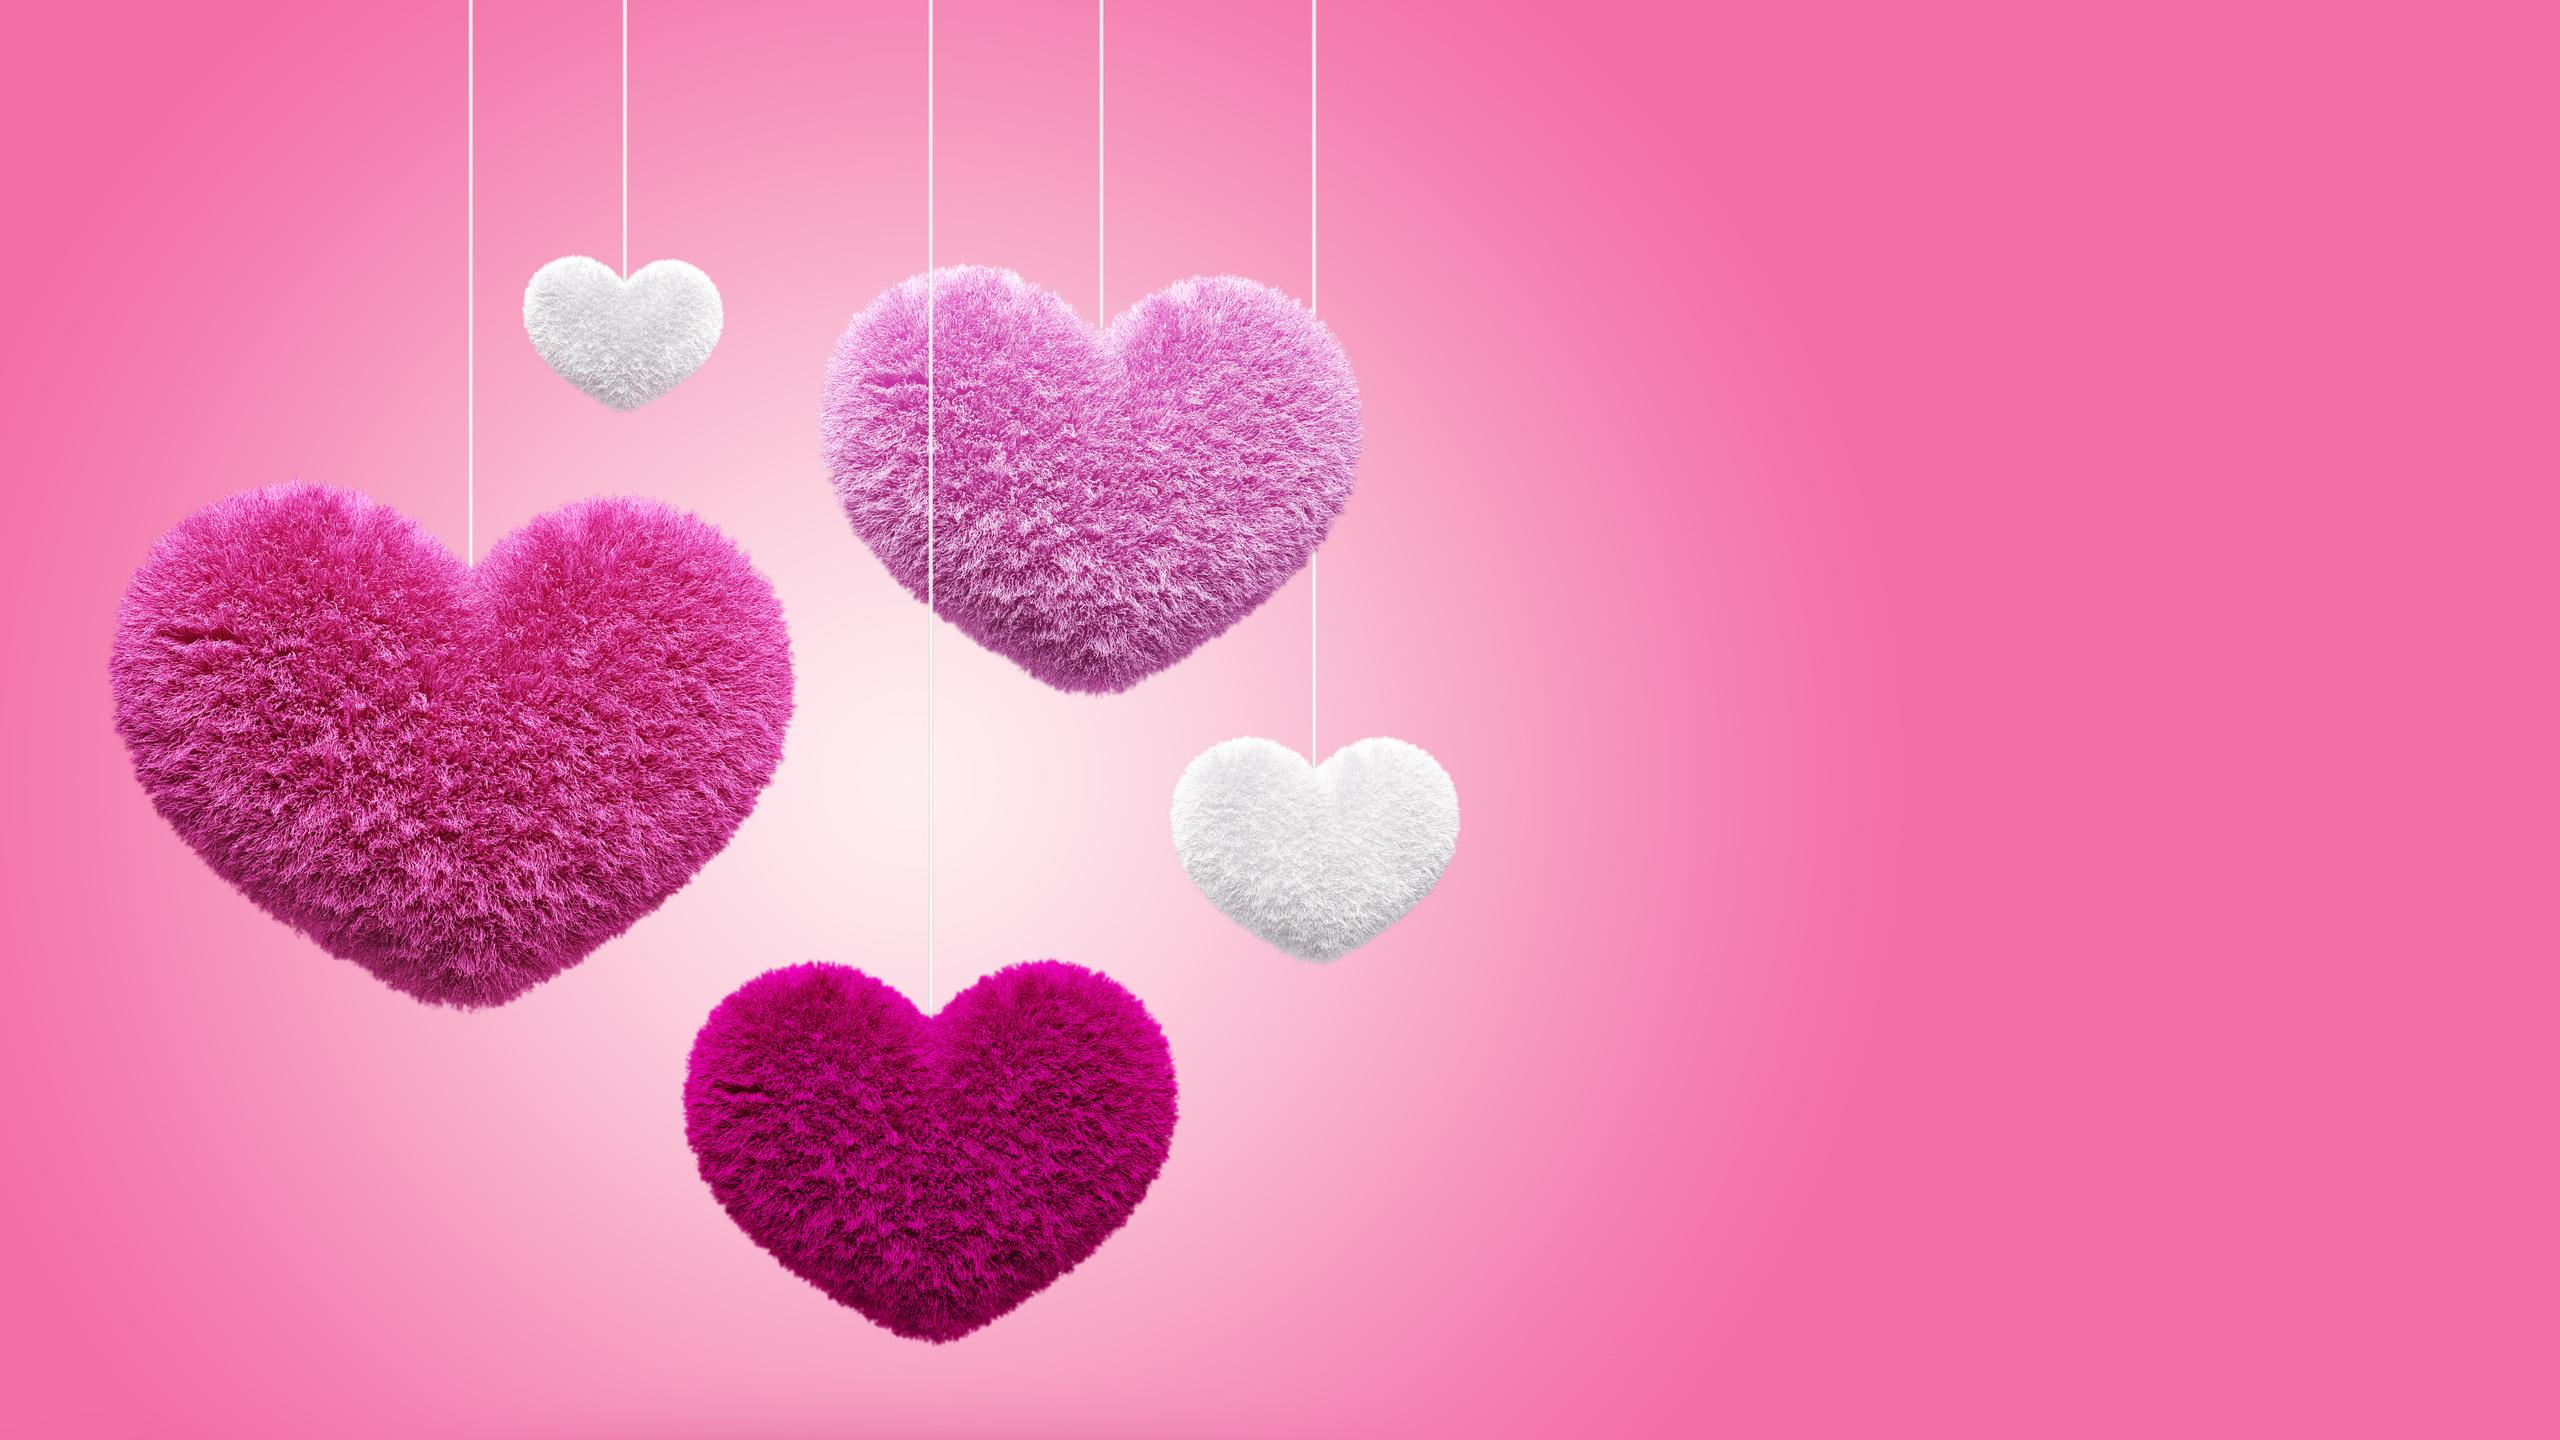 отвоевывает всё обои на телефон сердечко на розовом фоне натальи